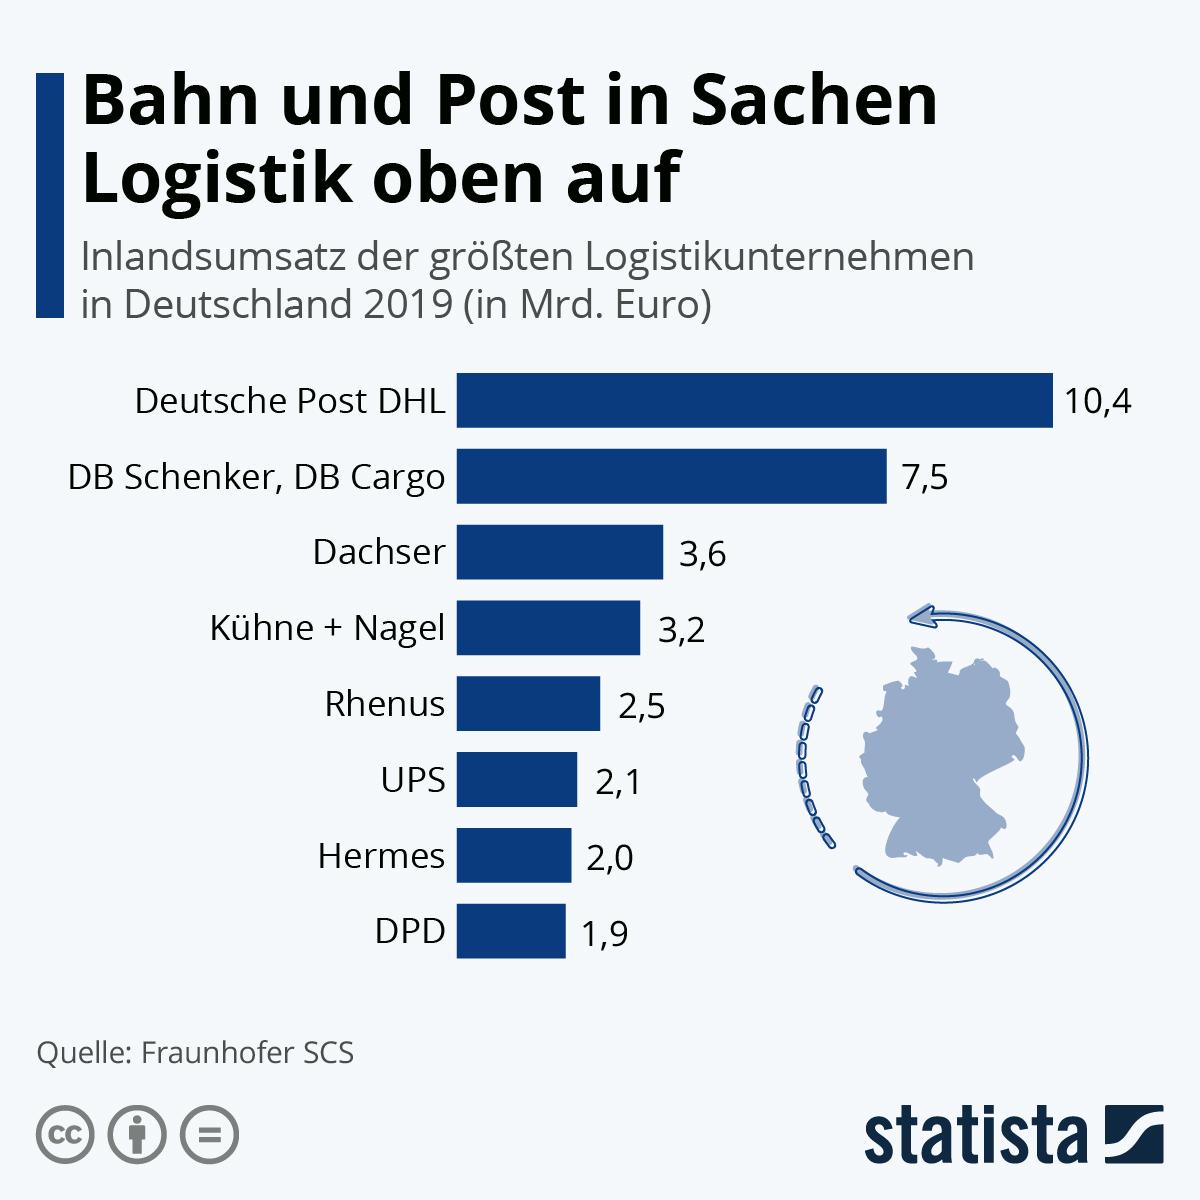 Infografik: Bahn und Post in Sachen Logistik oben auf | Statista